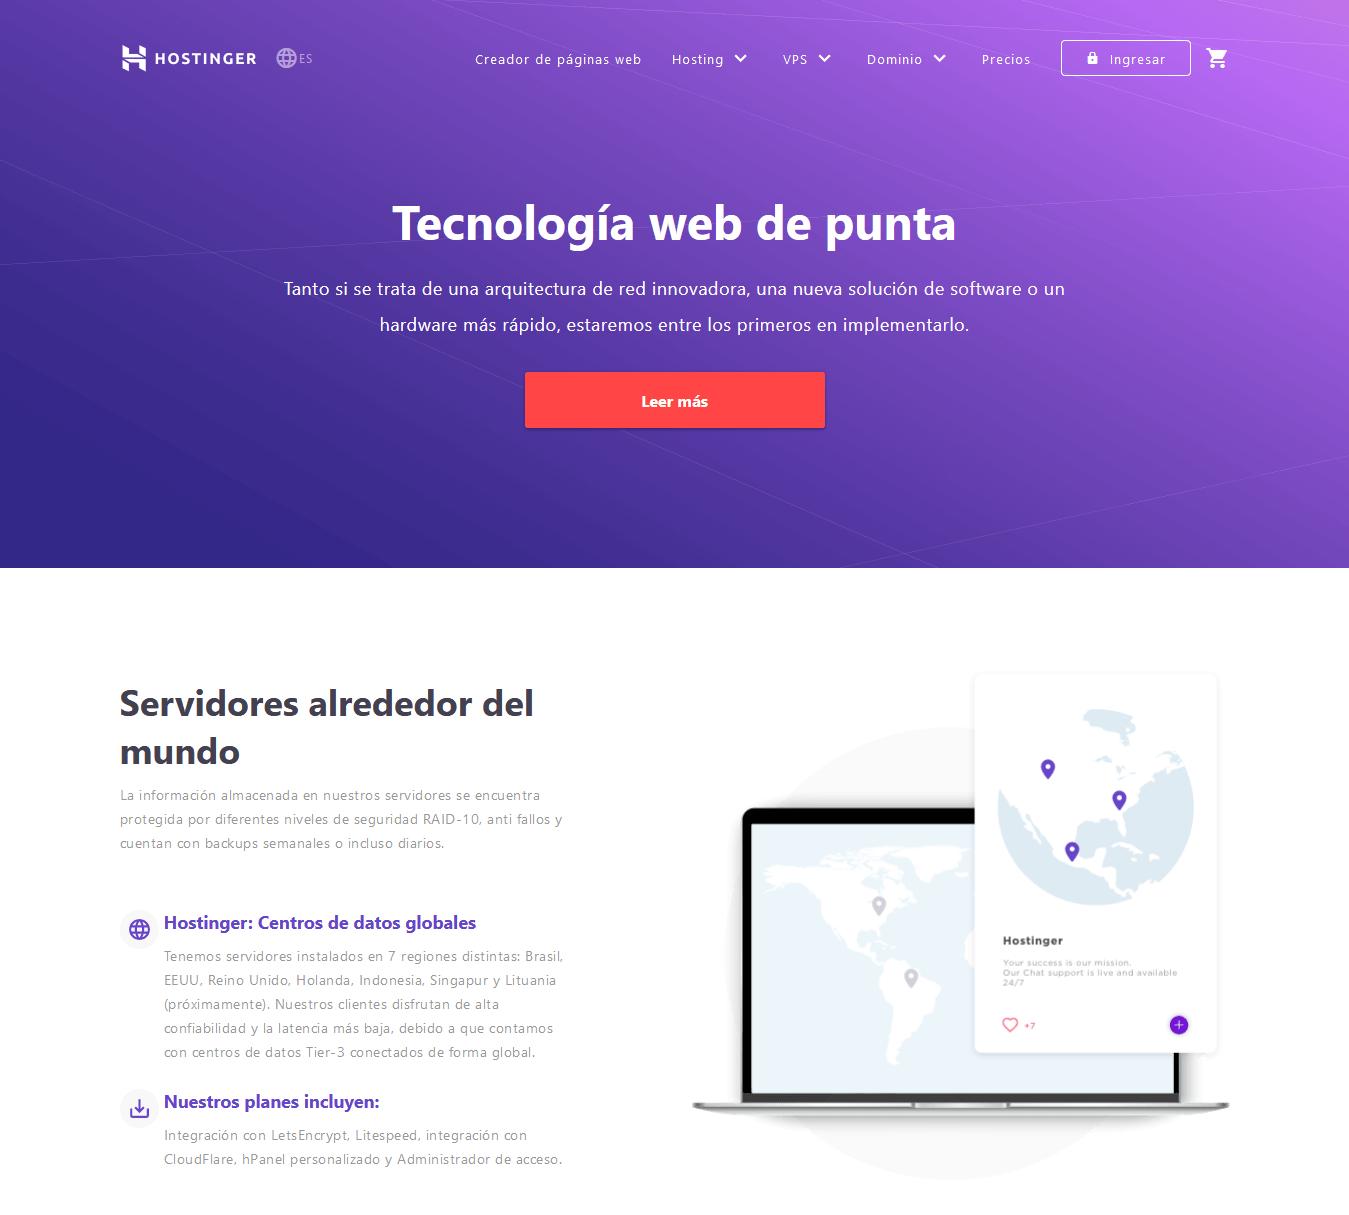 cupones hostinger mexico - cupón hostinger mexico - Tecnología Hosting Web De Nueva Generación Hostinger